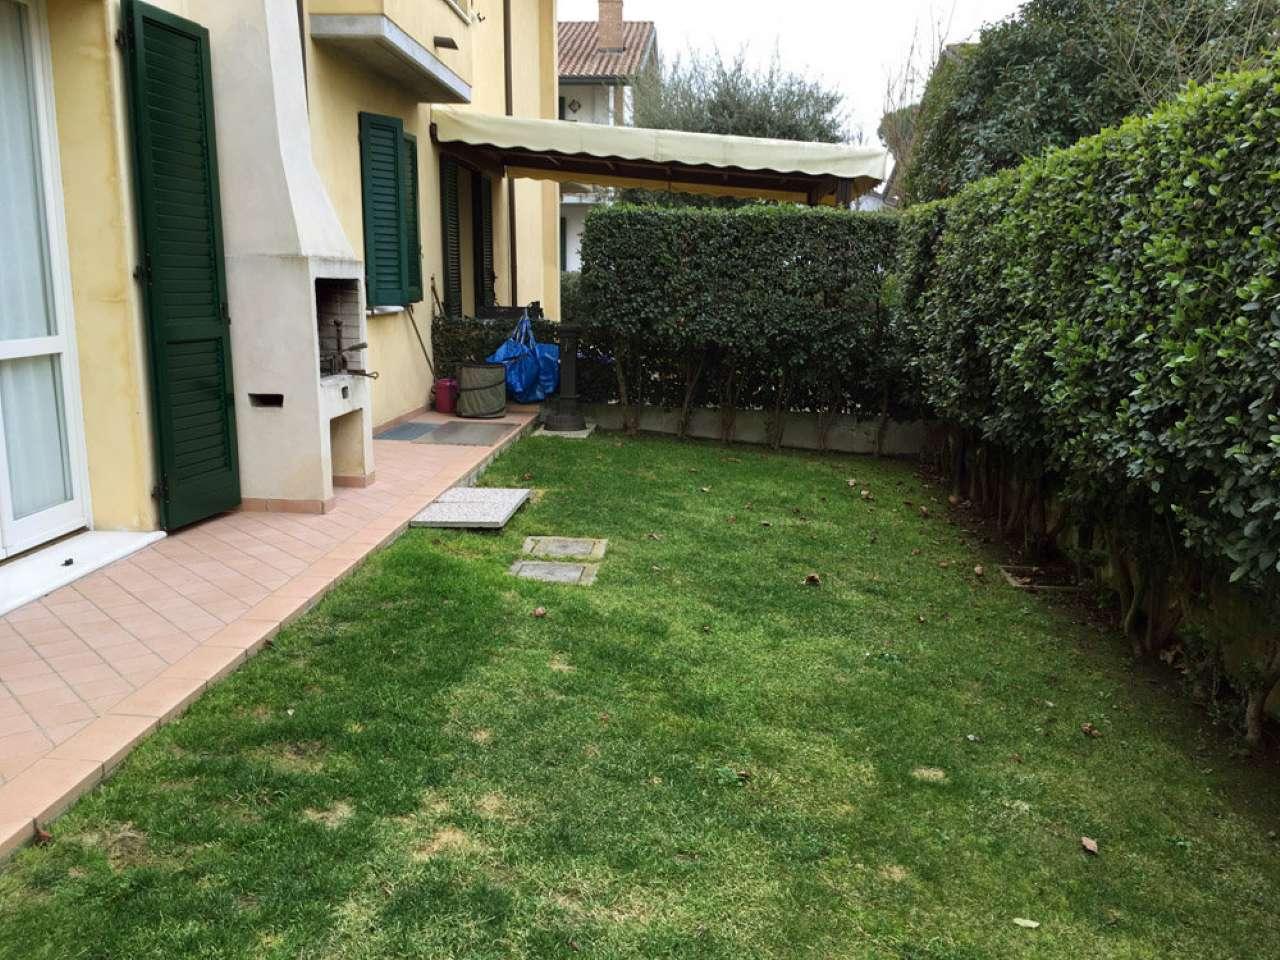 Soluzione Indipendente in vendita a Ravenna, 8 locali, prezzo € 395.000 | CambioCasa.it